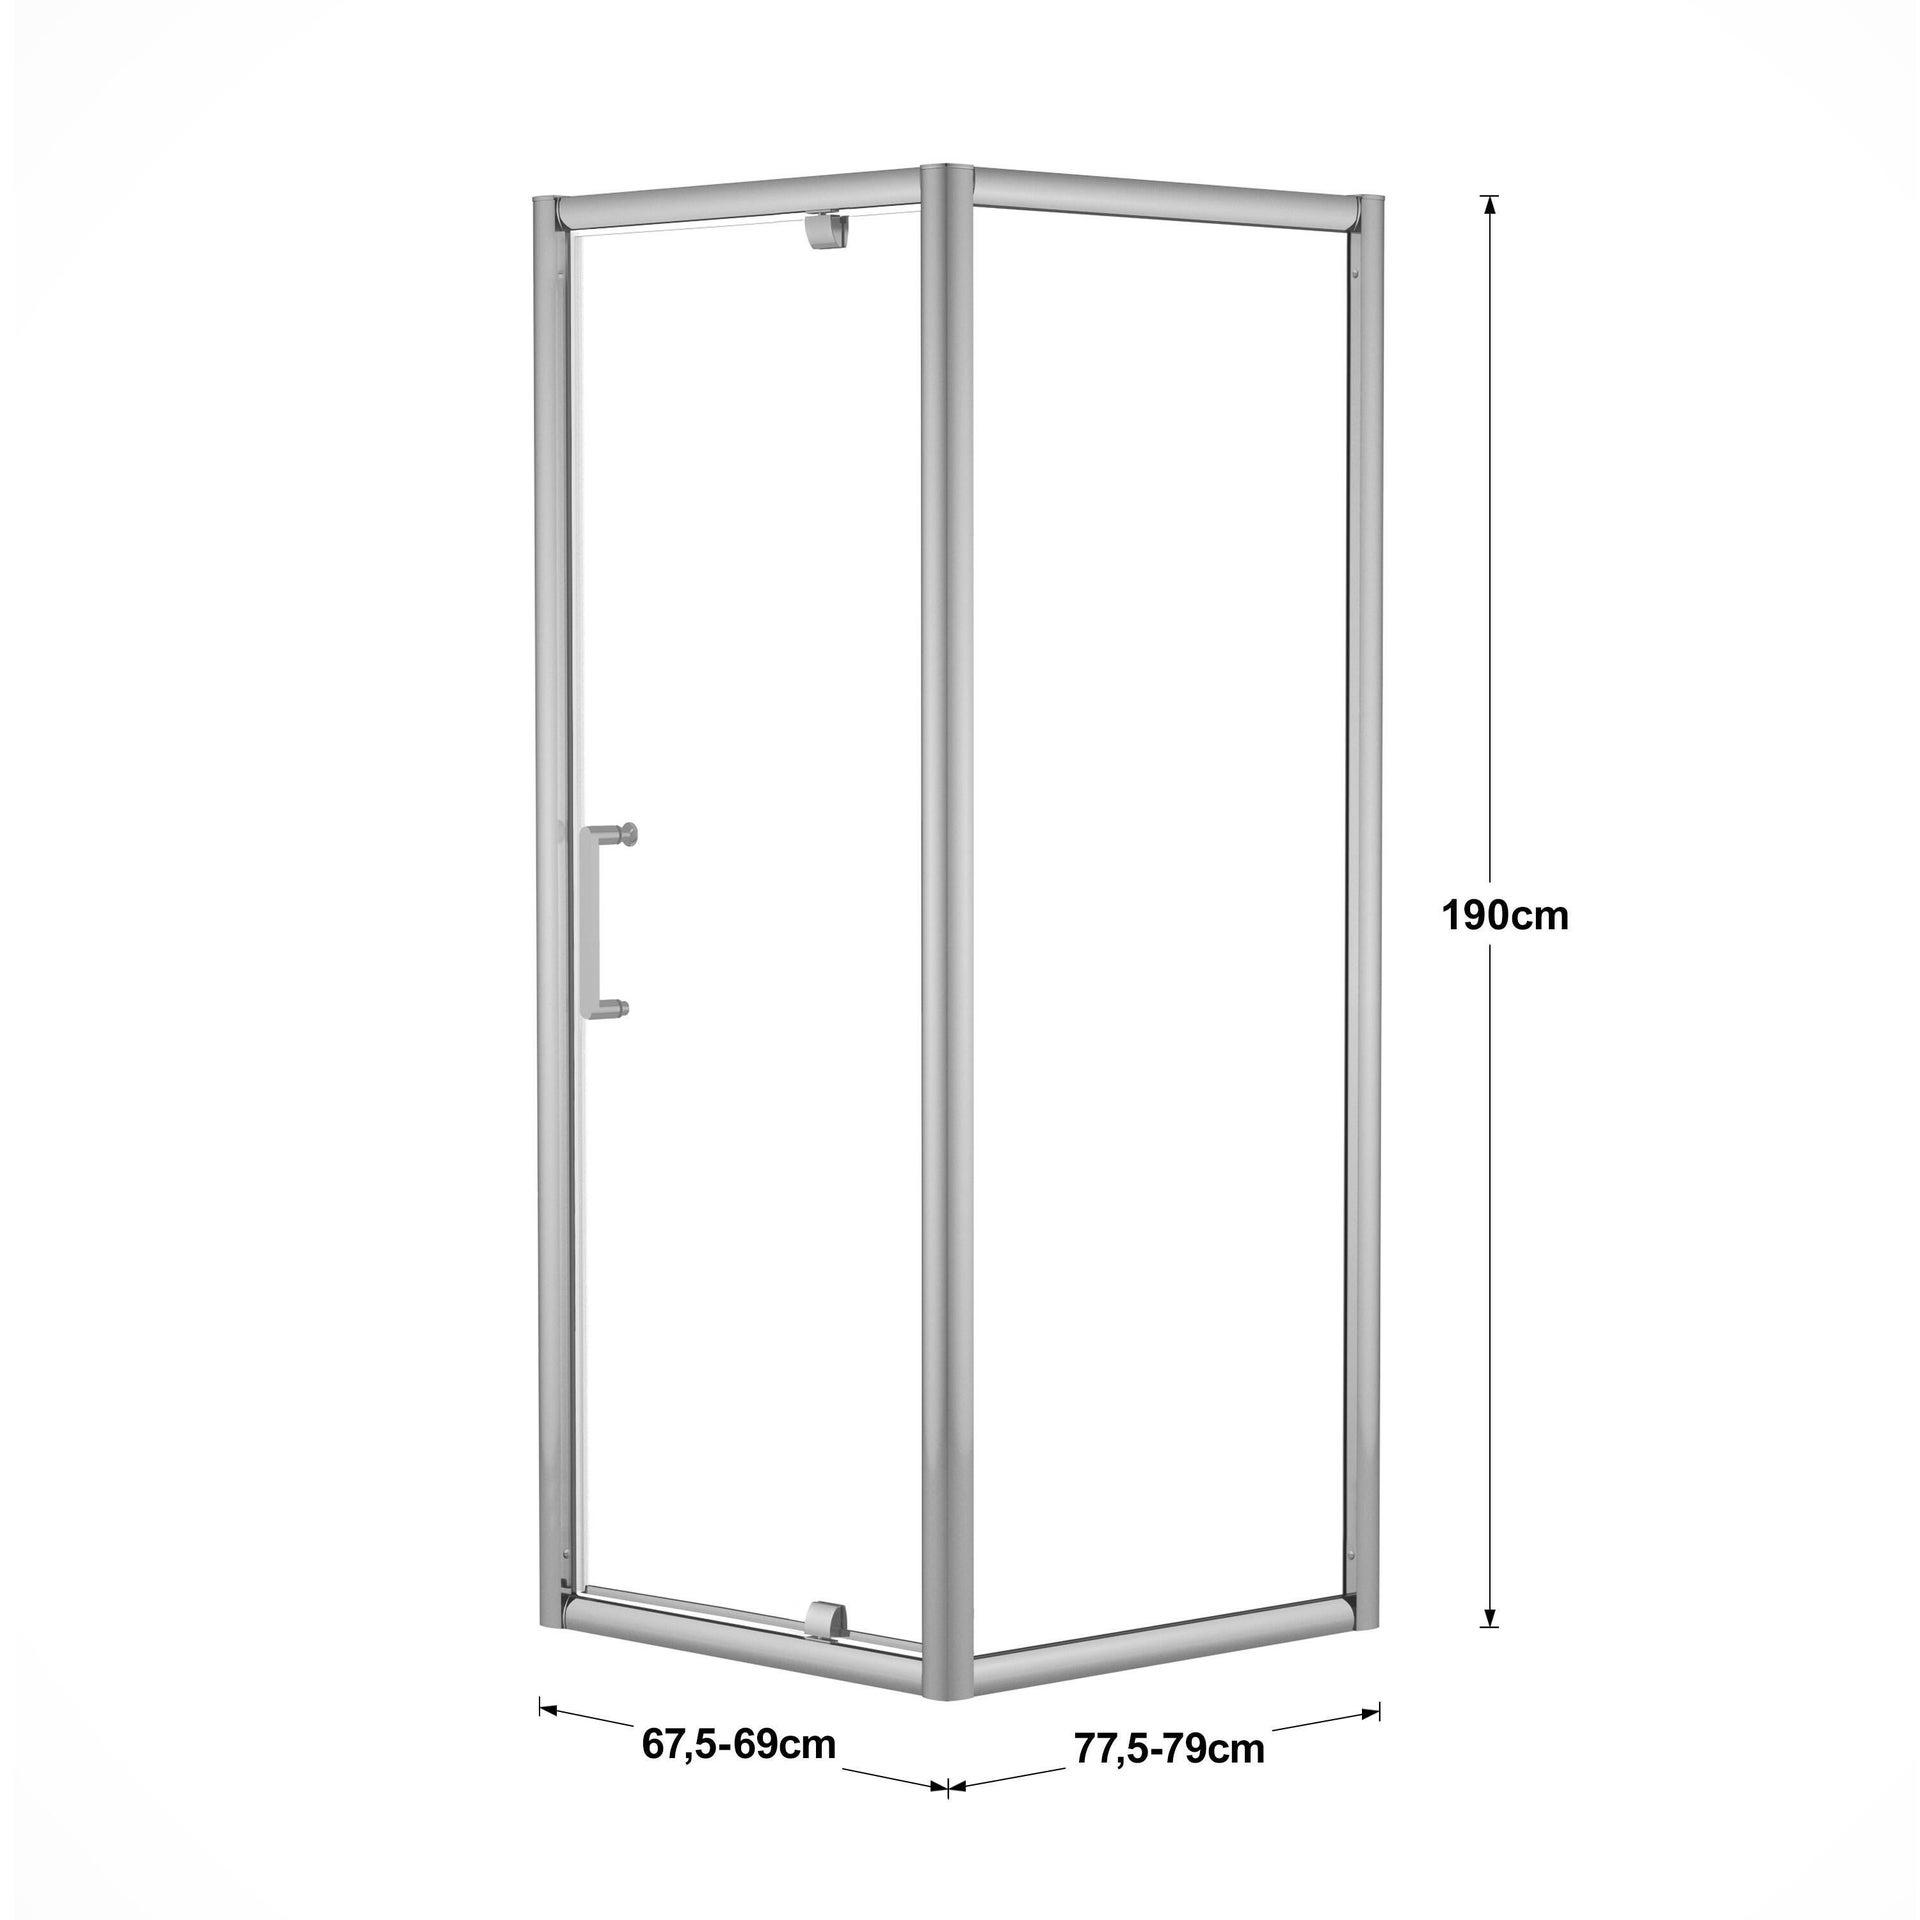 Box doccia rettangolare battente Quad 70 x 80 cm, H 190 cm in vetro temprato, spessore 6 mm trasparente argento - 2